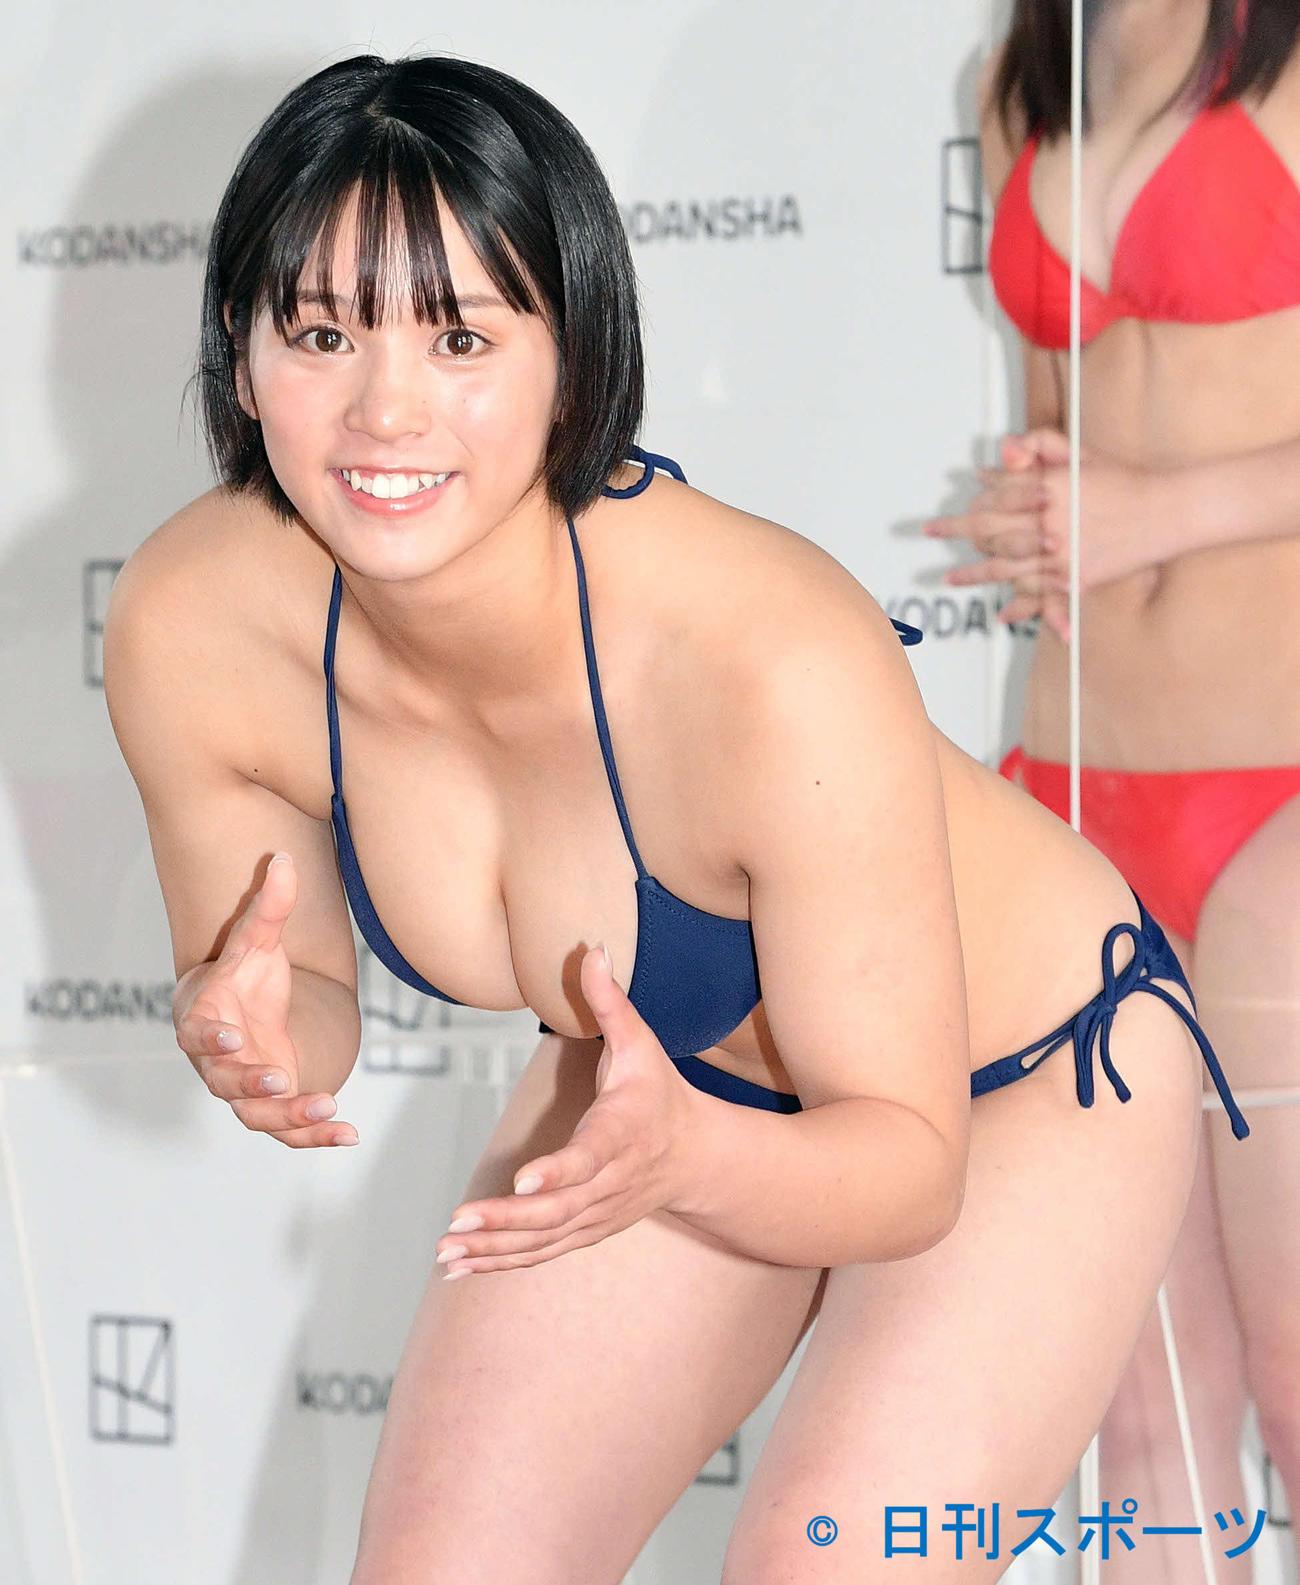 「ミスマガジン2021」ベスト16お披露目会 フォトセッションでレスリングの構えをする山岡雅弥(2021年7月撮影)